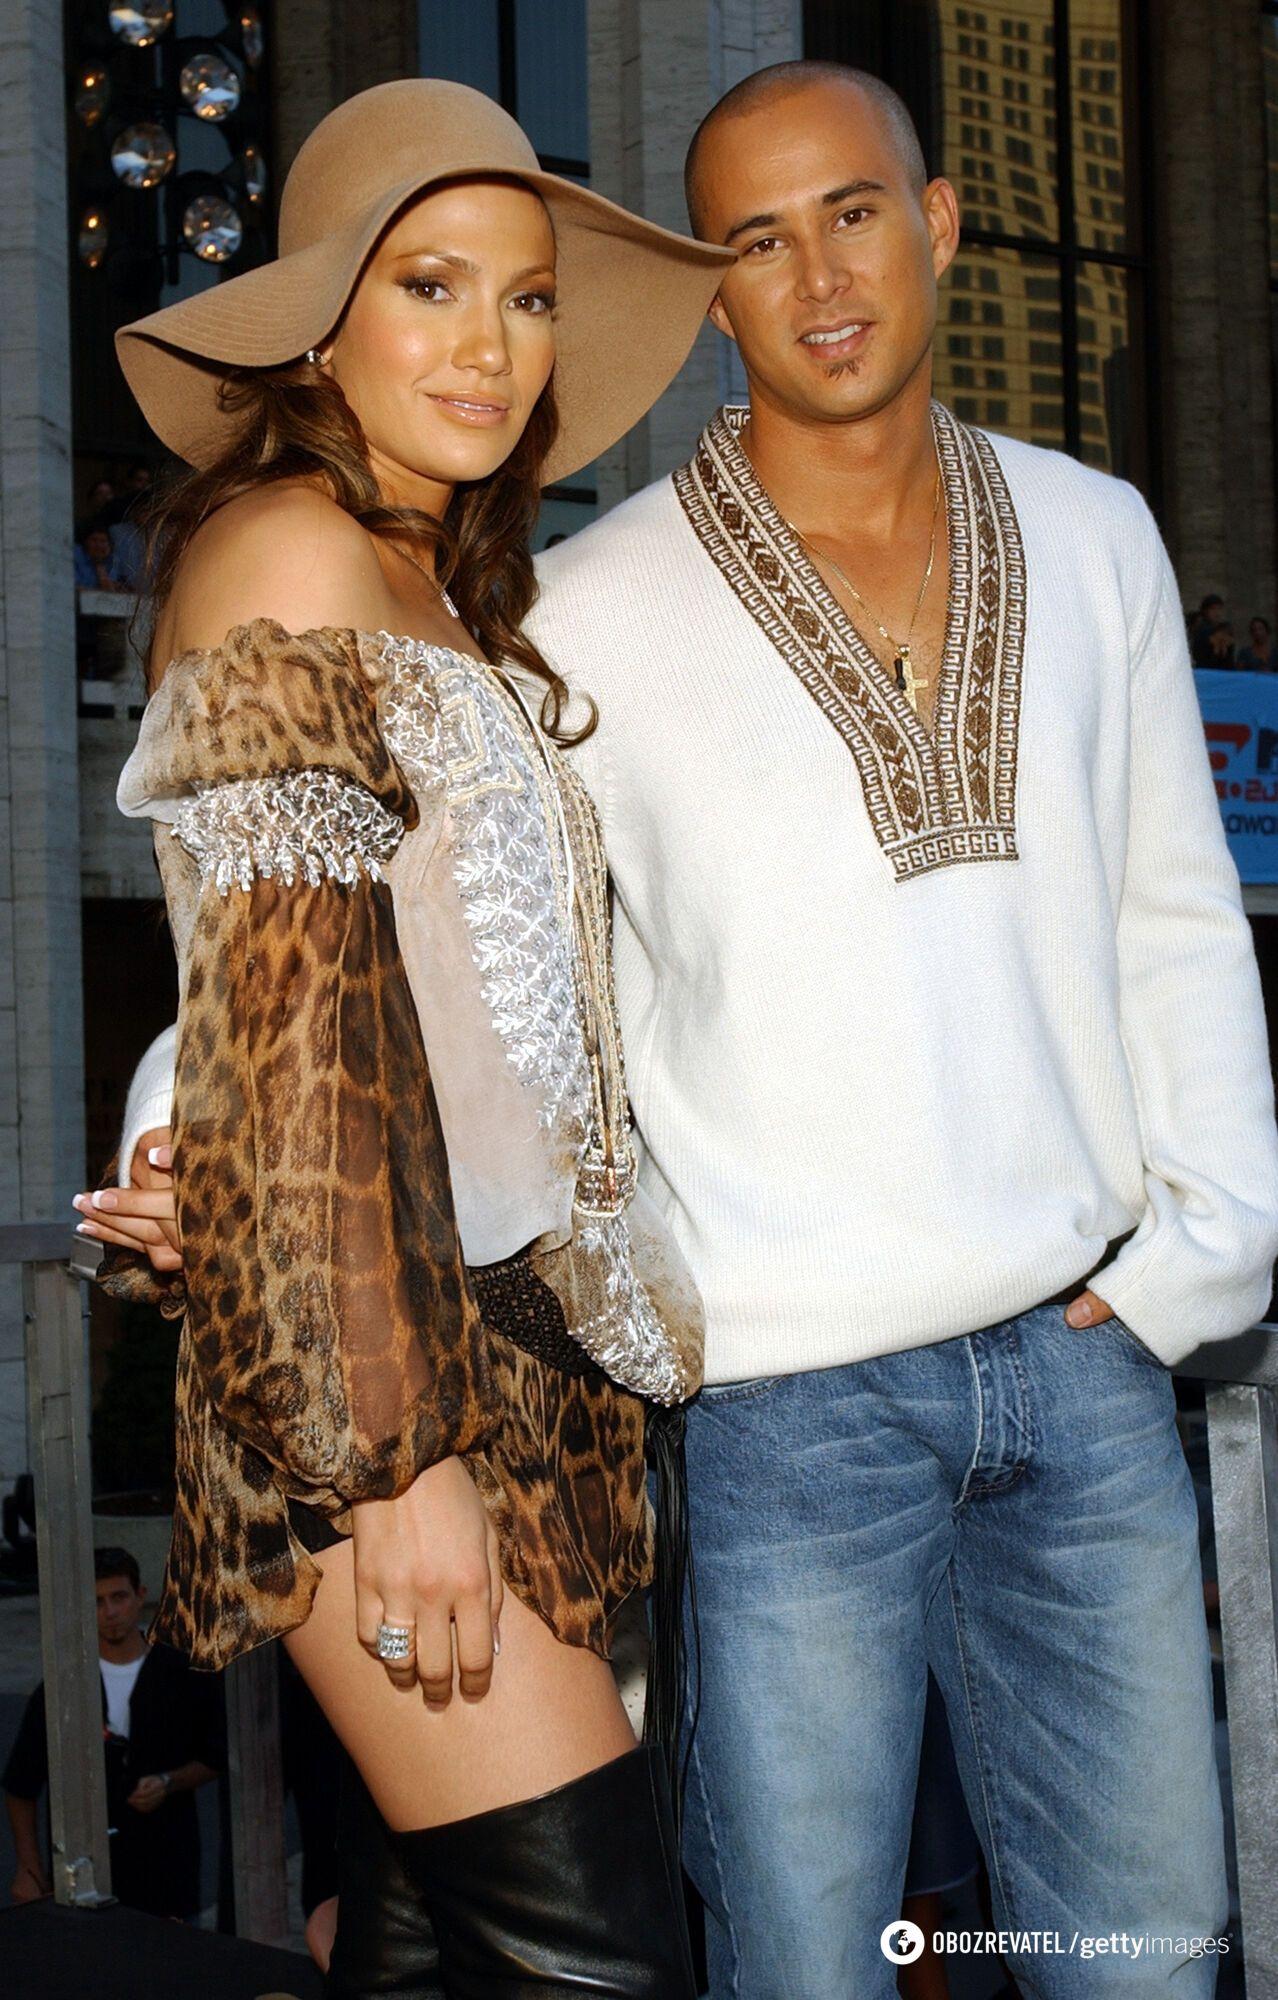 Джей Ло зустрічалася з хореографом Крісом Джаддом.